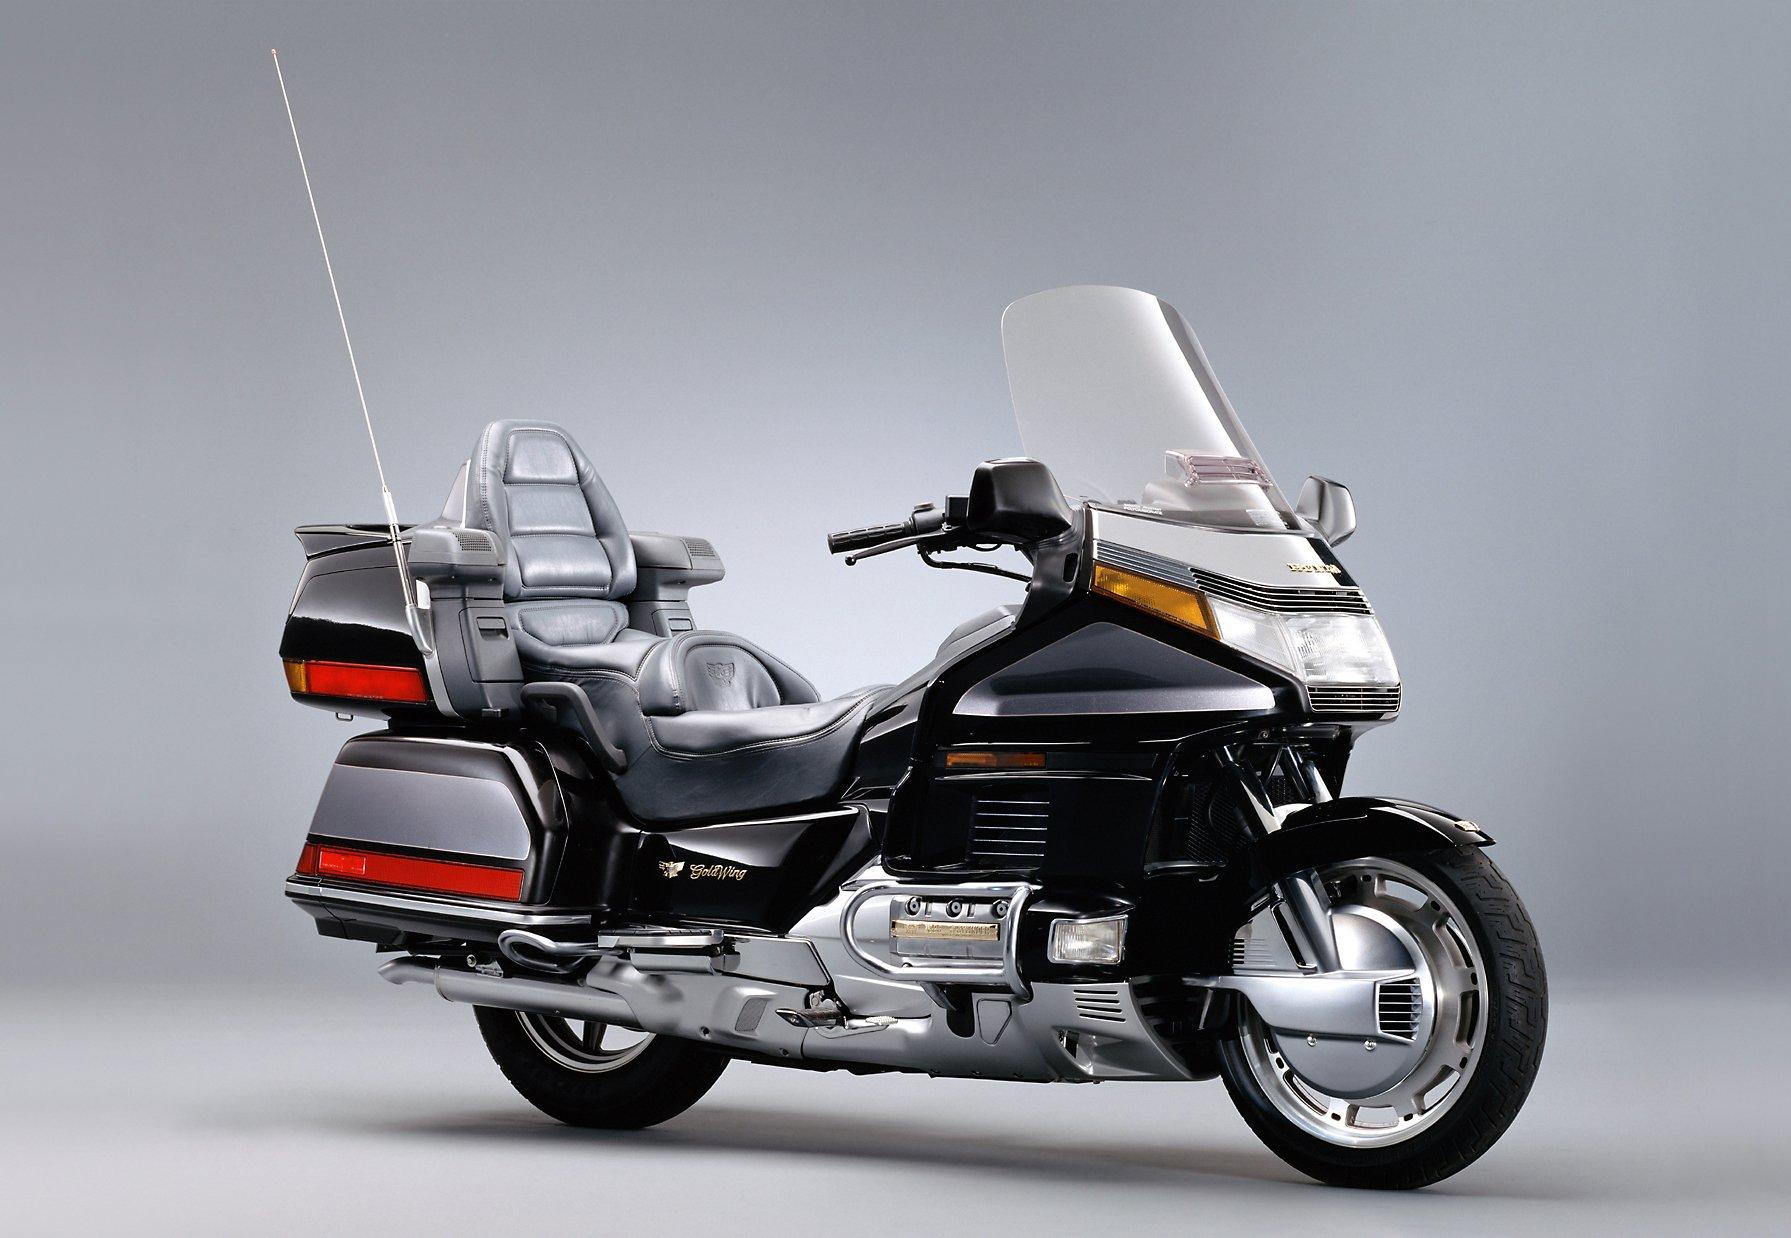 Культиватор Крот МК 5-01 с двигателем Honda GC 135 4 л.с ...